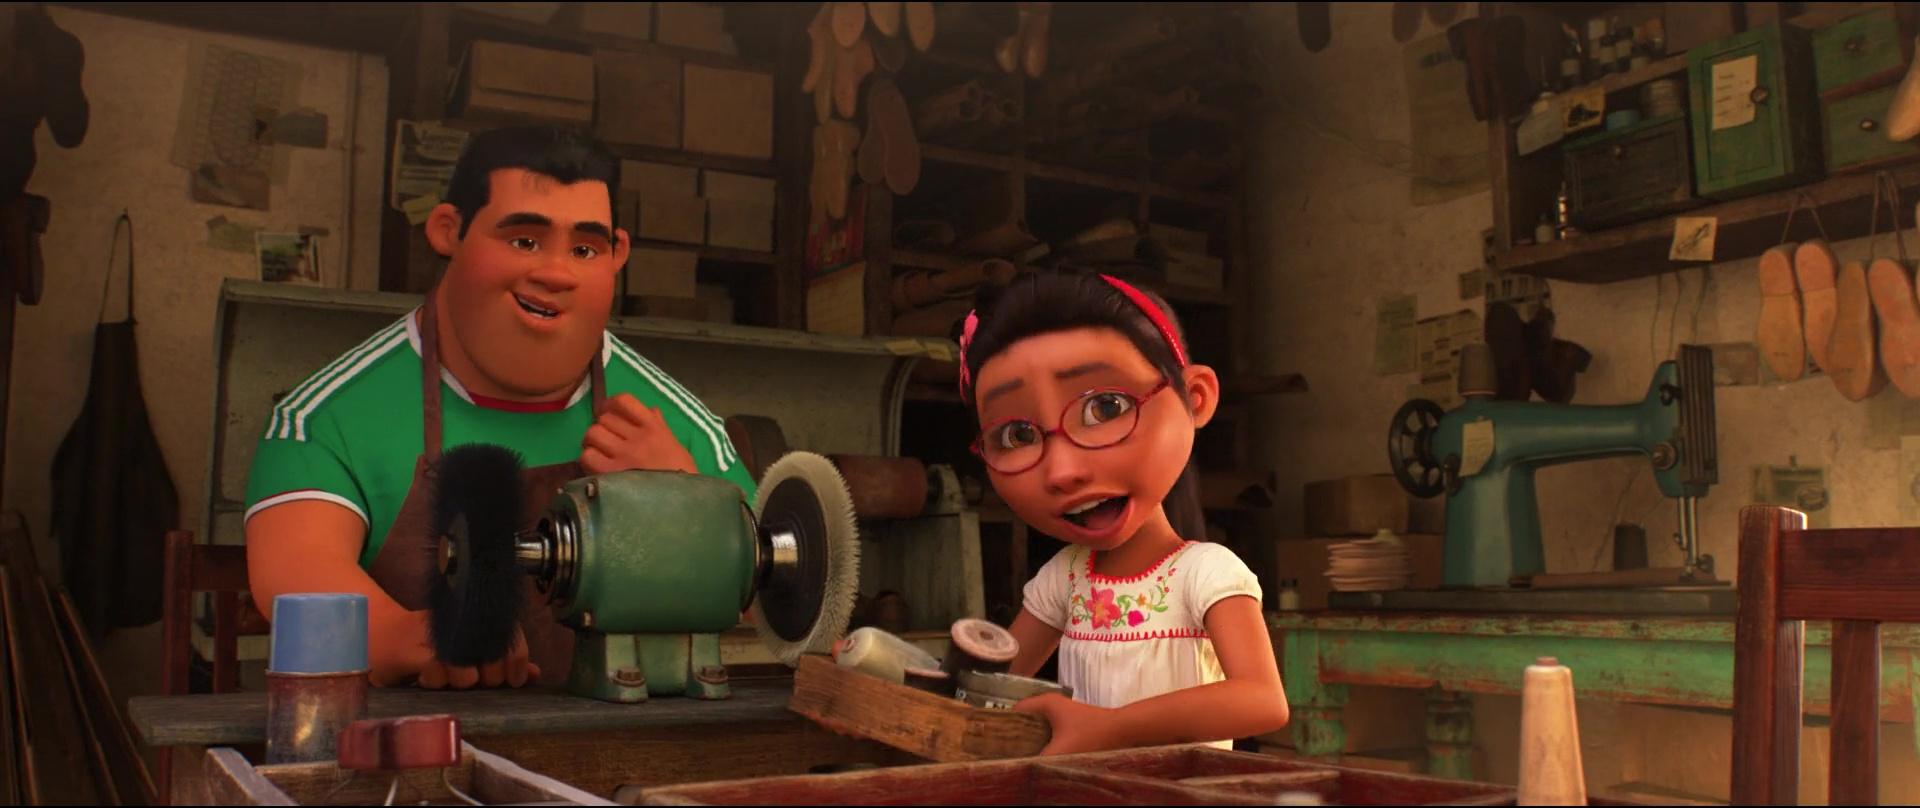 rosa rivera personnage character coco disney pixar